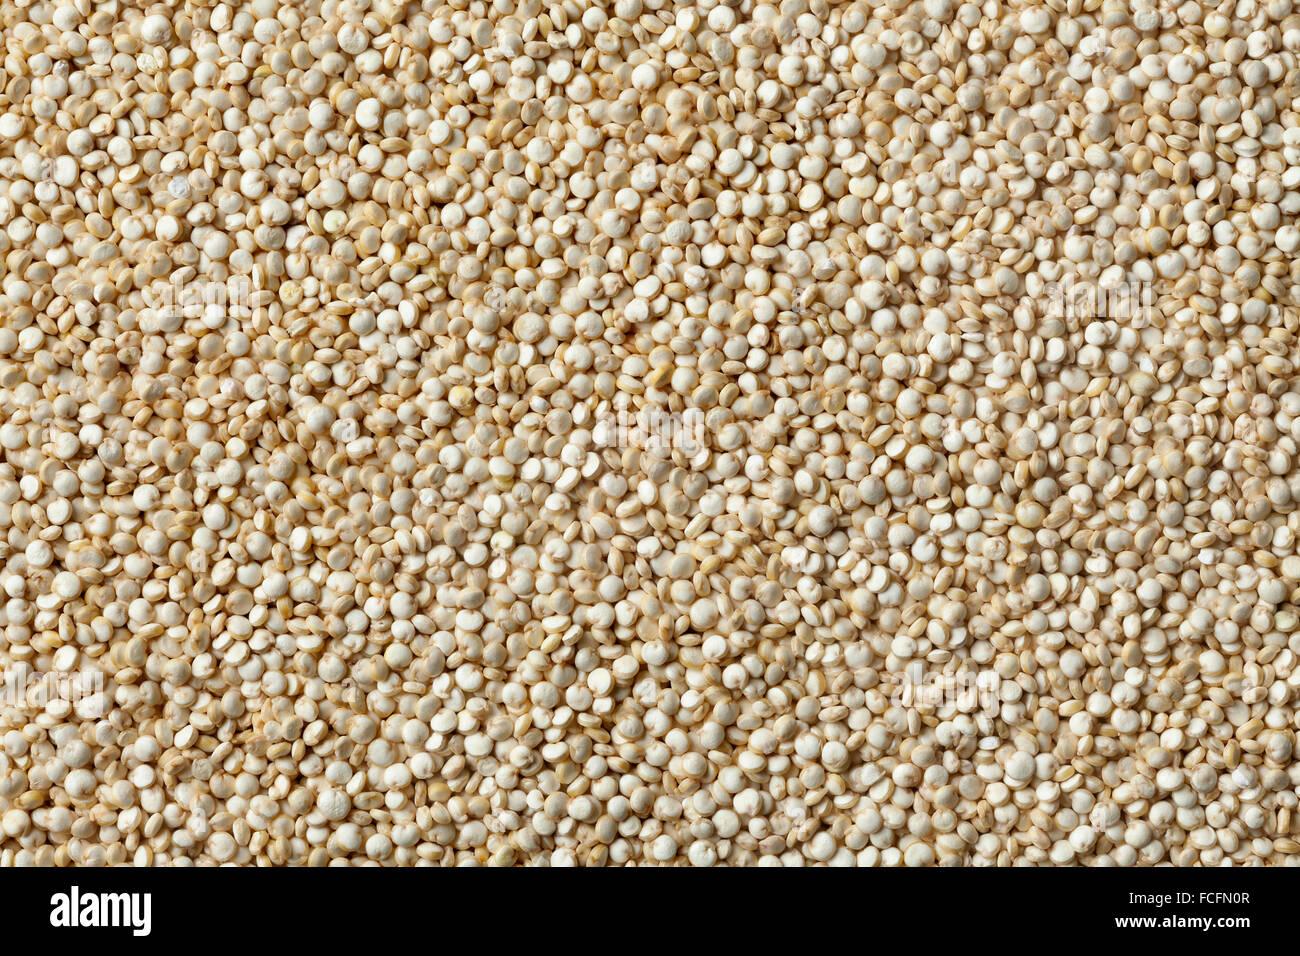 Semillas de Quinoa cruda full frame Imagen De Stock